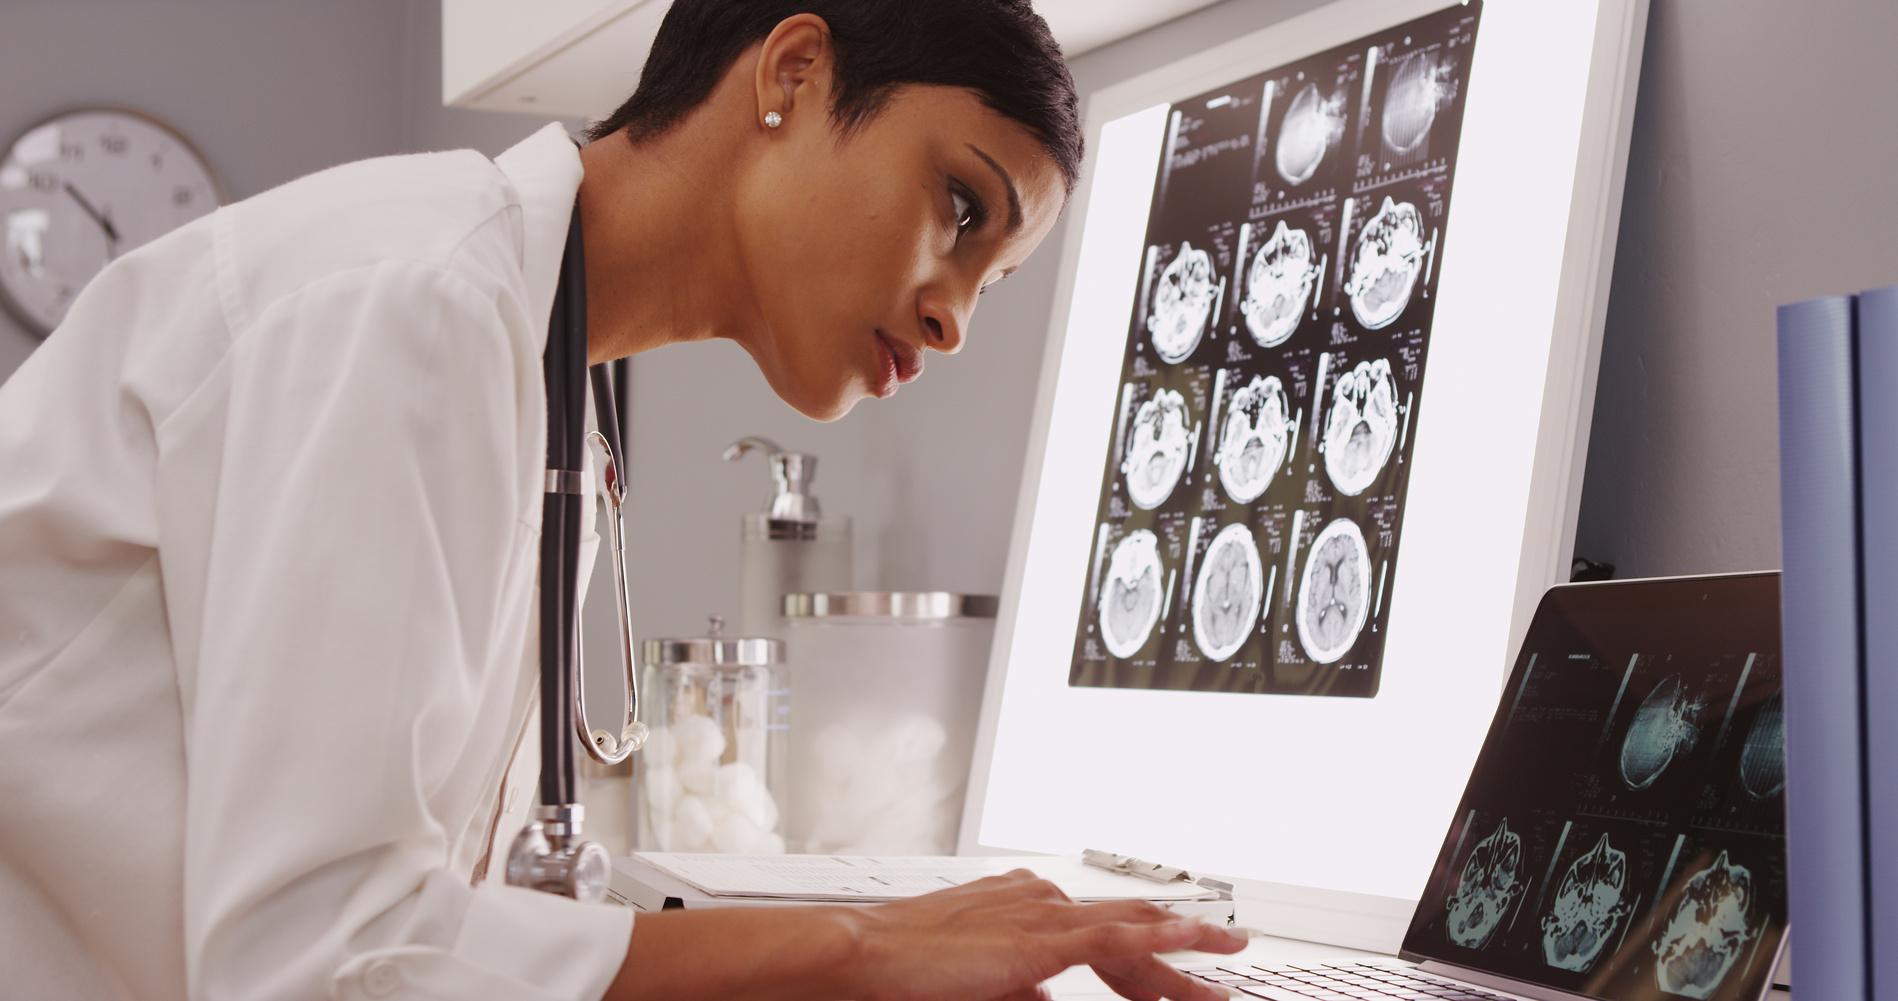 神の手が真価を発揮する良性脳腫瘍!